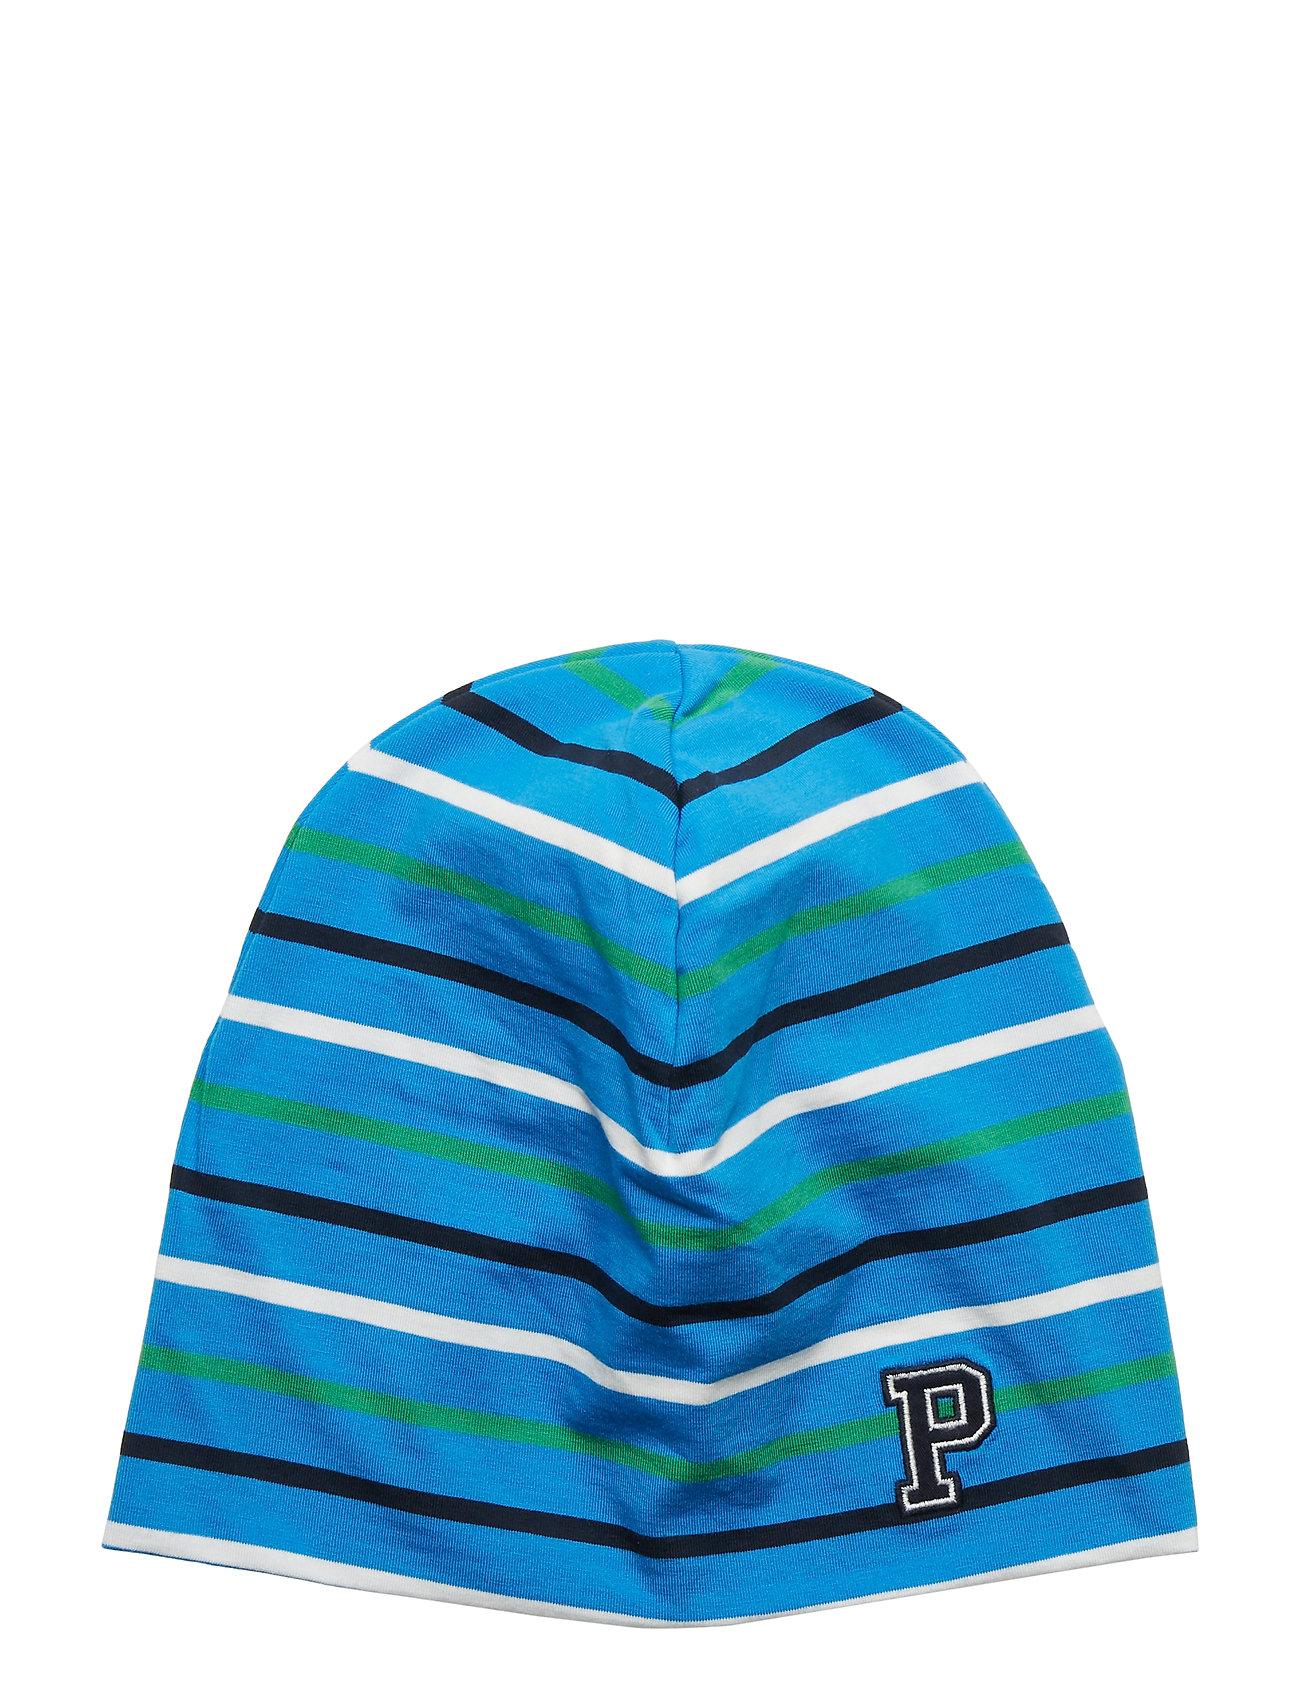 Polarn O. Pyret Cap Multi Stripe School - FRENCH BLUE